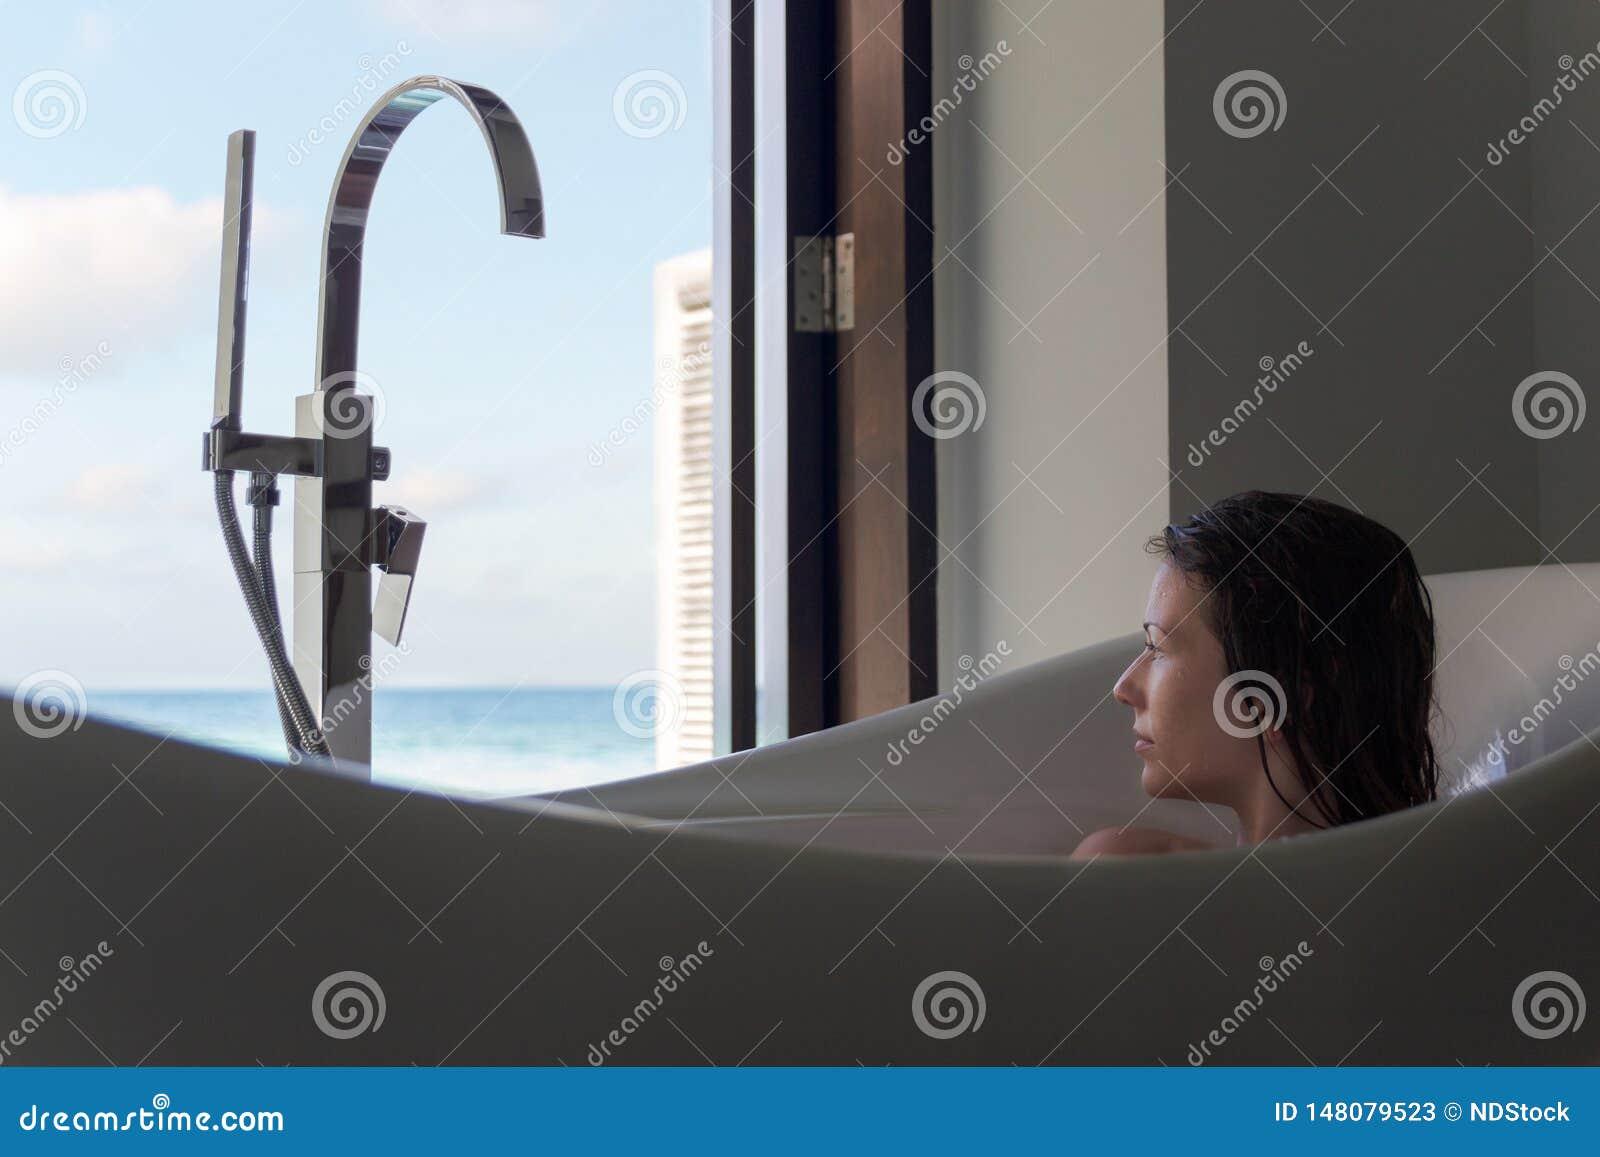 Νέα γυναίκα στην μπανιέρα που θαυμάζει την άποψη από το παράθυρο Τροπικός προορισμός διακοπών